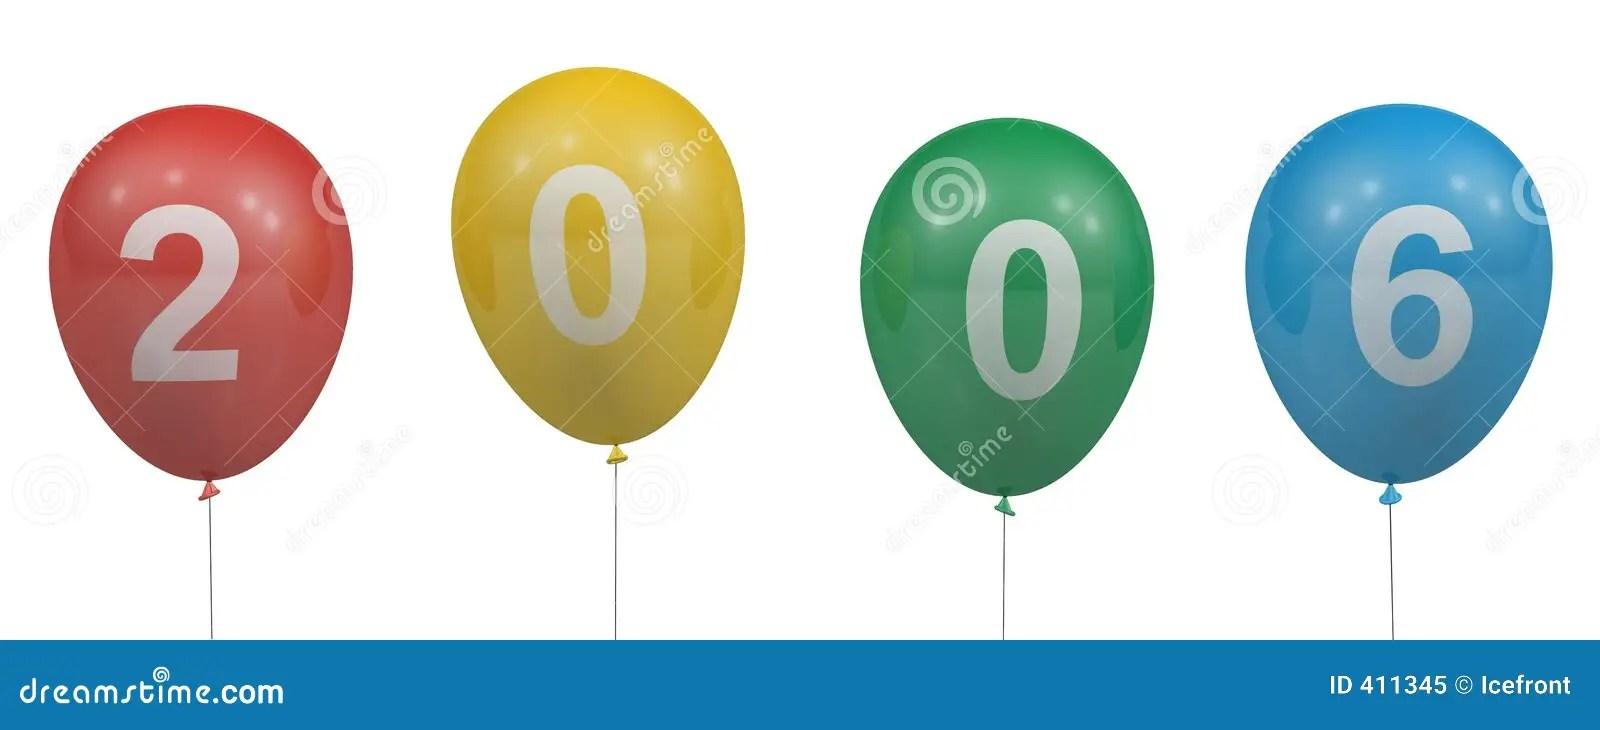 2006 balloons stock illustration